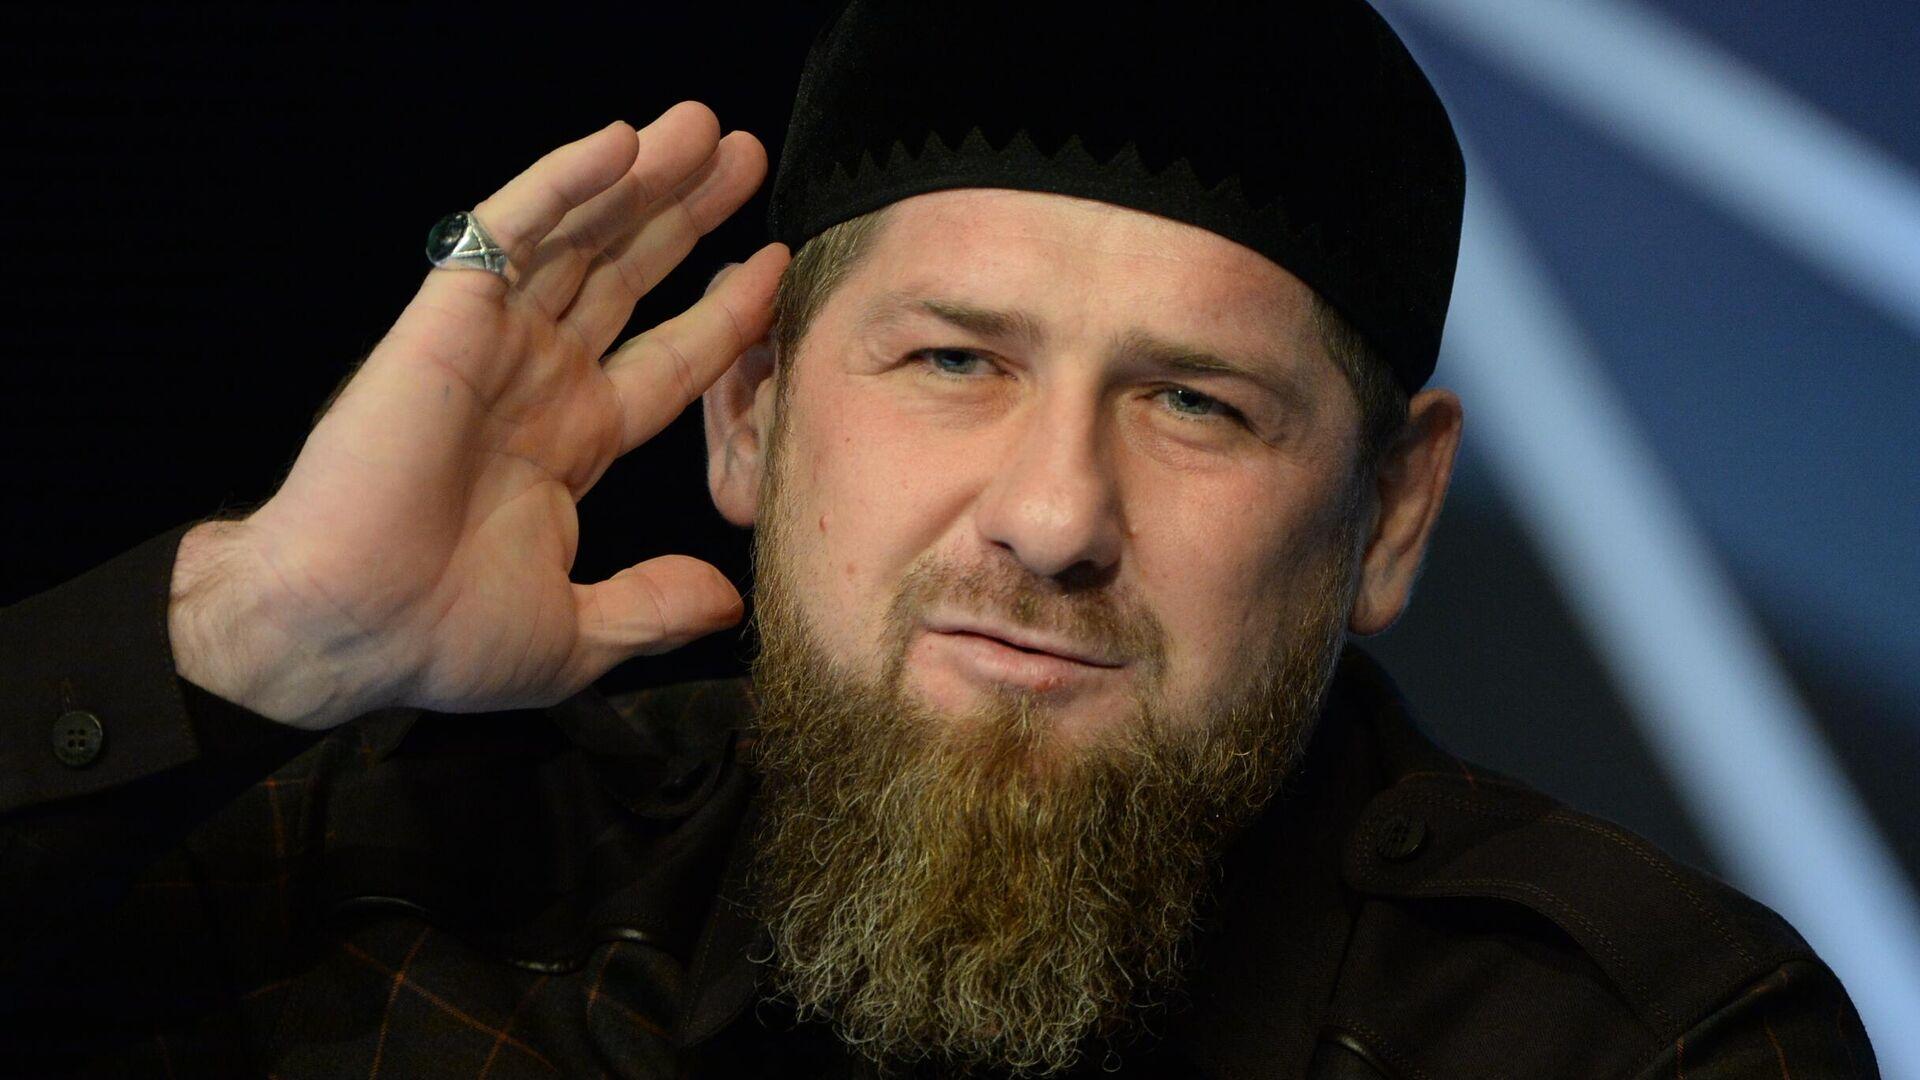 Глава Чеченской Республики Рамзан Кадыров на пресс-конференции в студии телеканала Грозный - РИА Новости, 1920, 22.02.2021